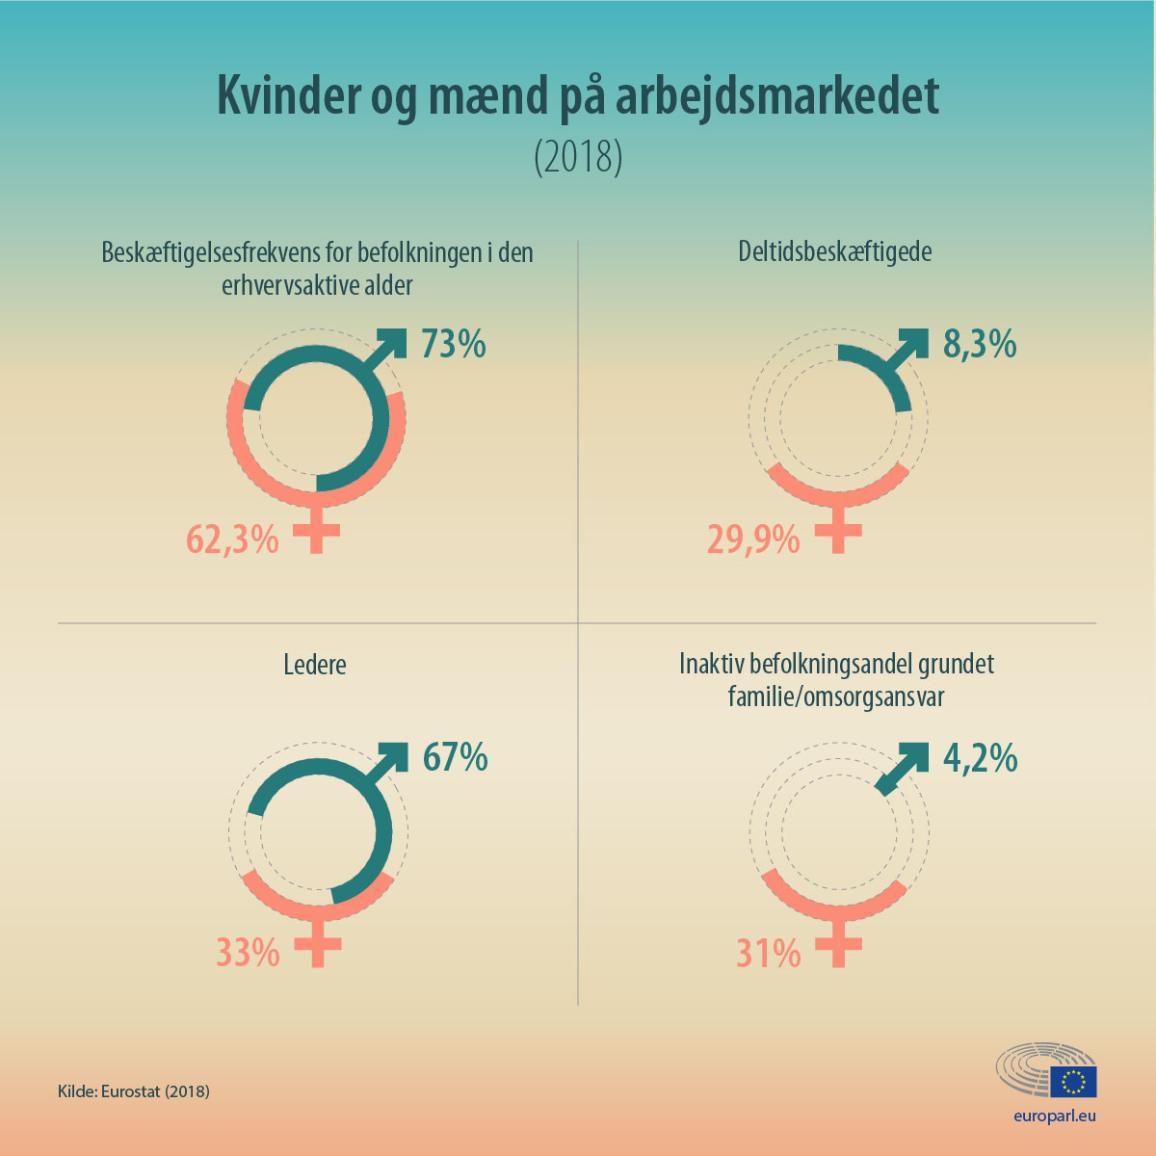 Infografik med statistik over kvinder og mænd på arbejdsmarkedet.